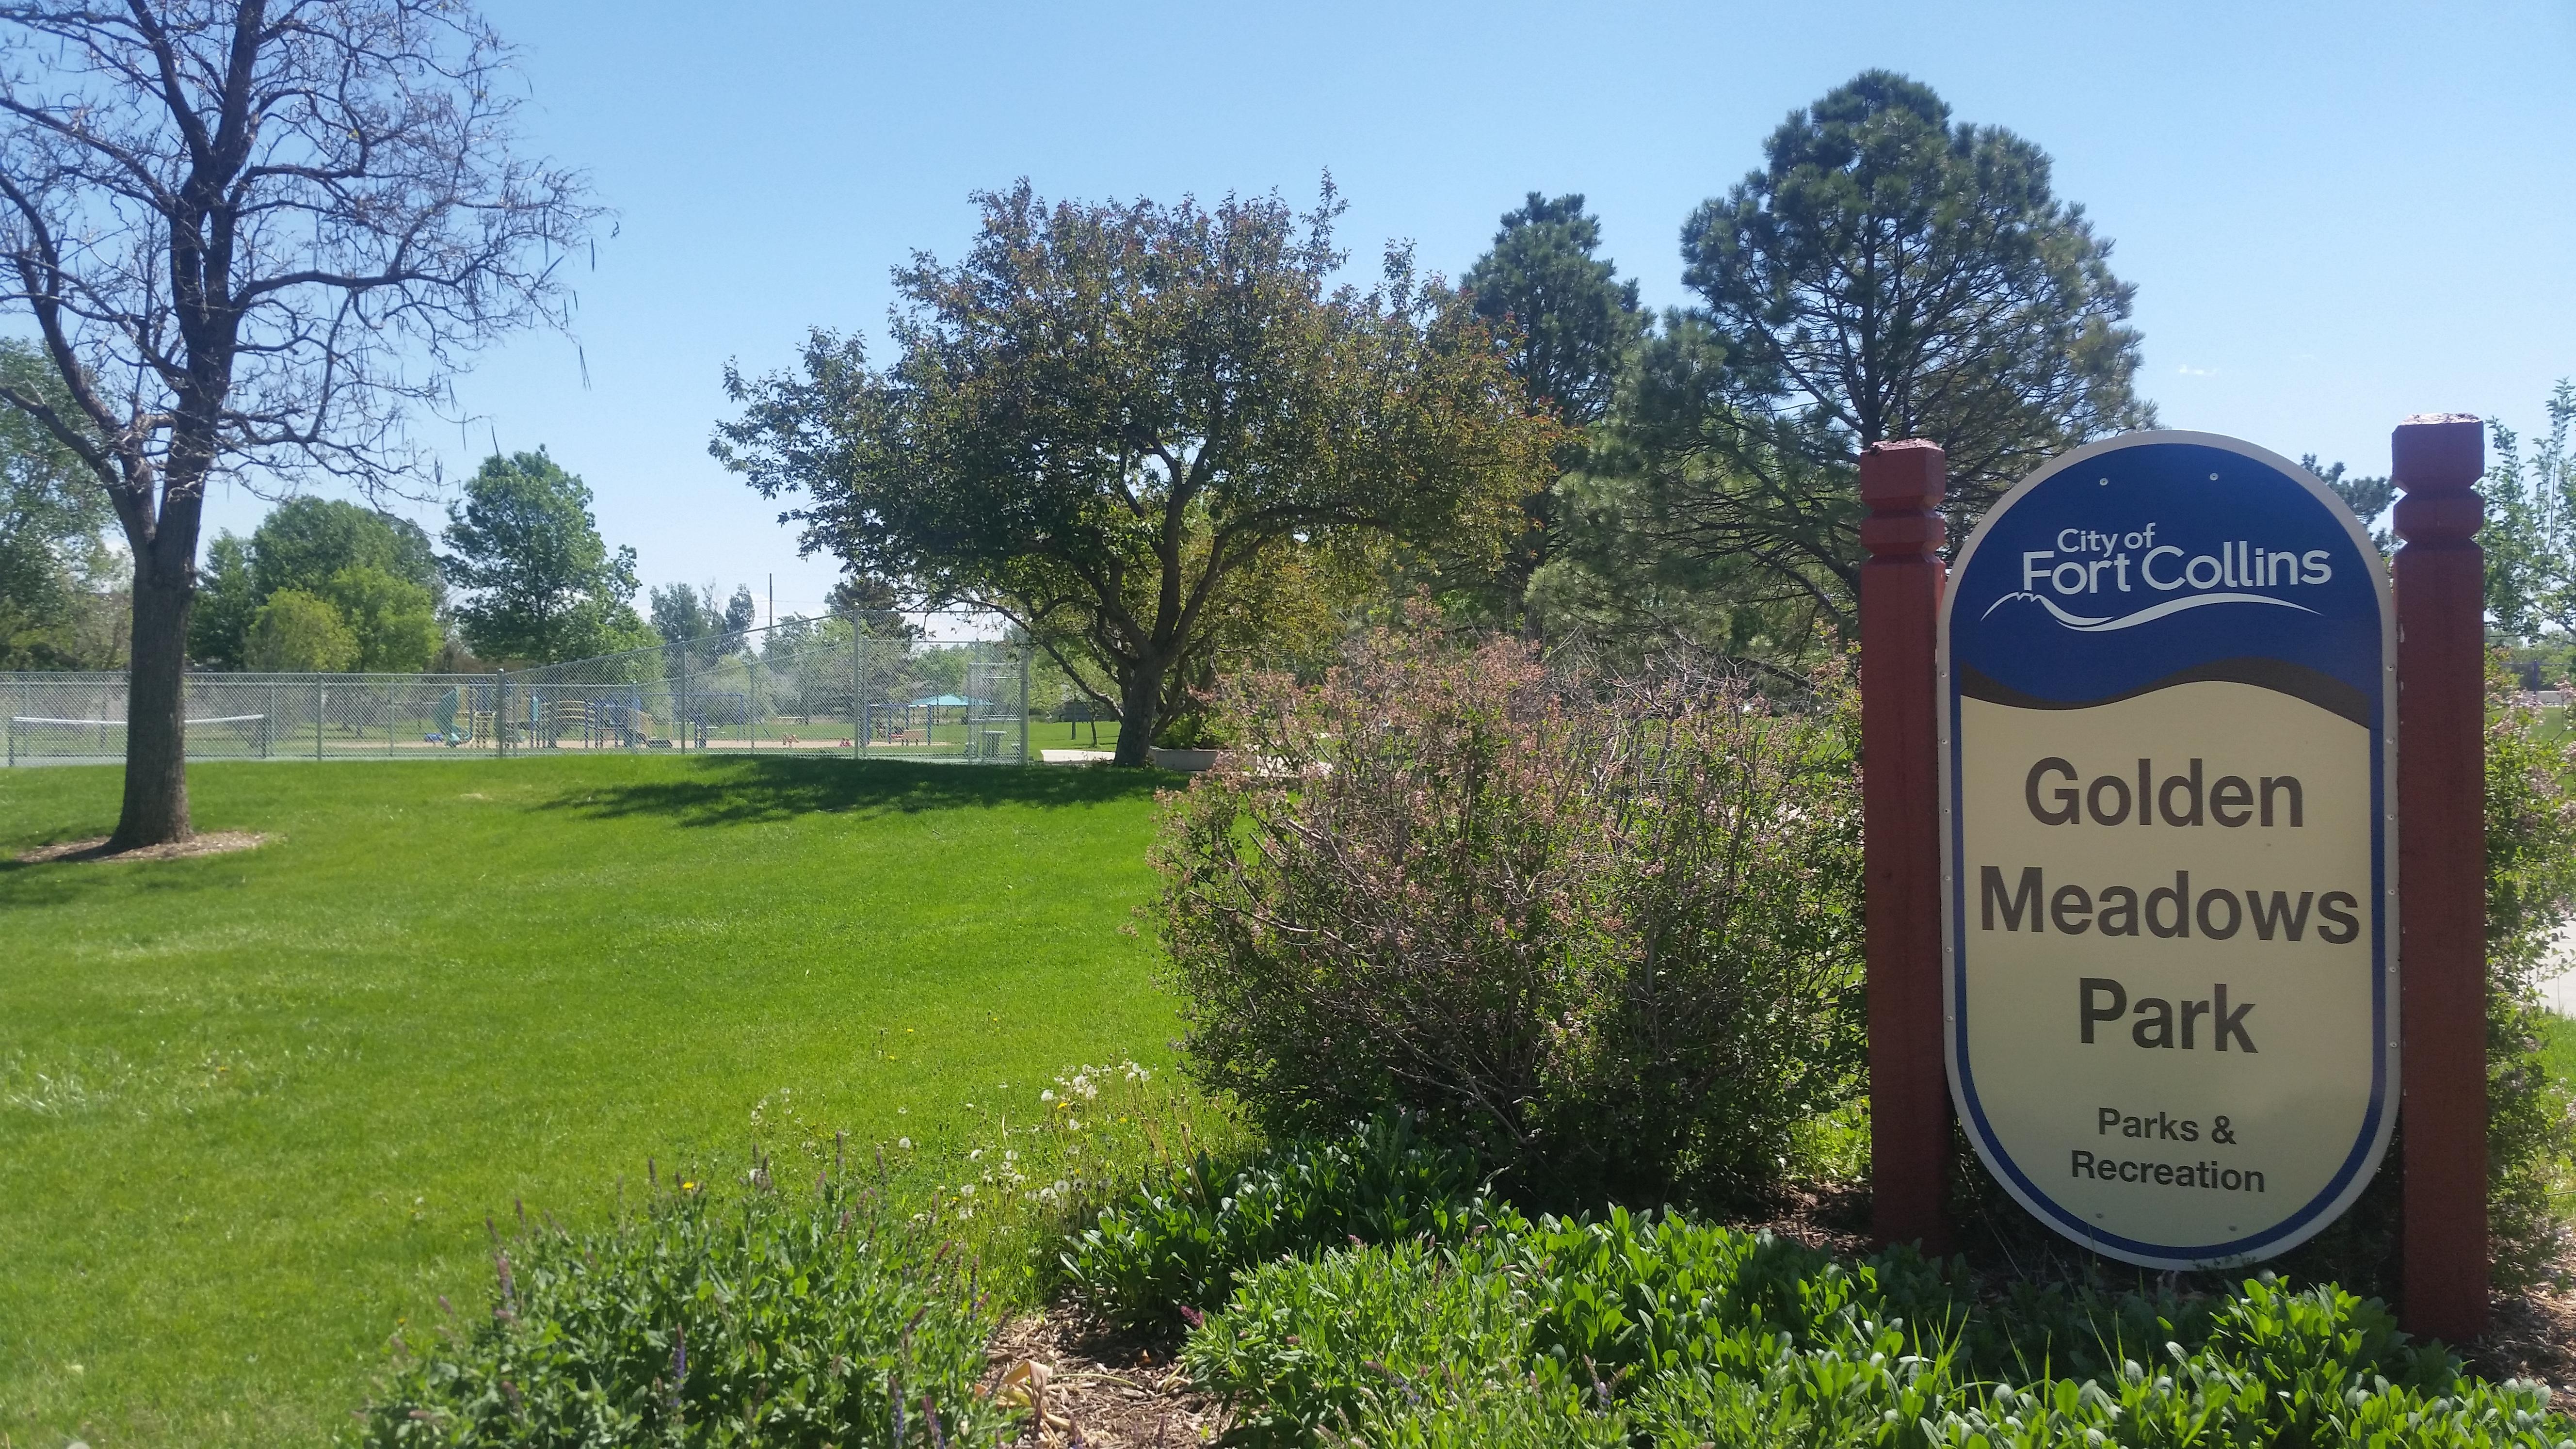 Golden Meadows park